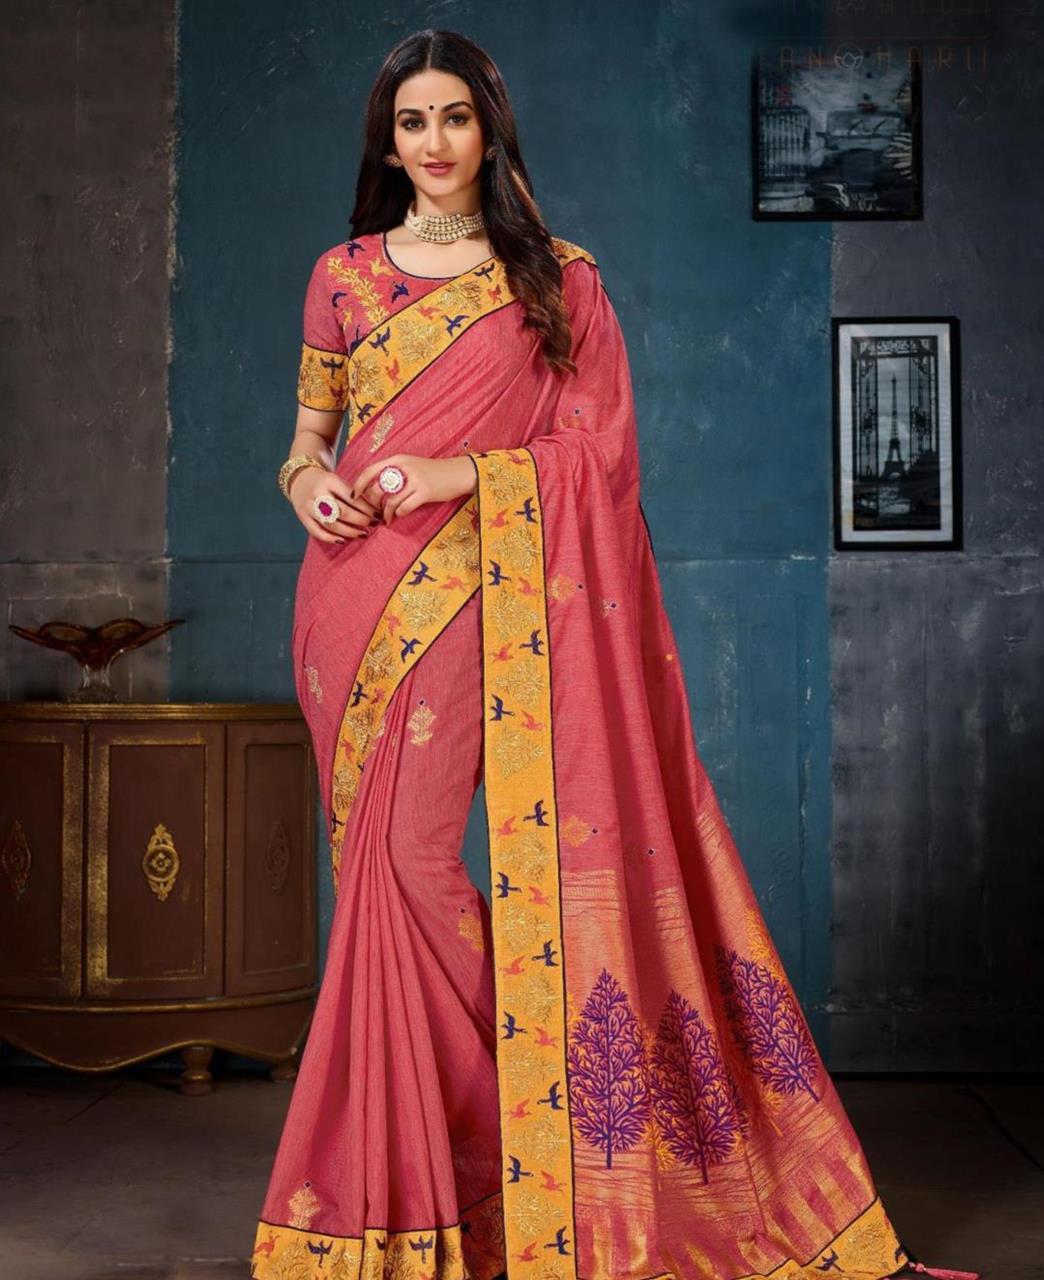 Jacquard Cotton Saree (Sari) in Pink